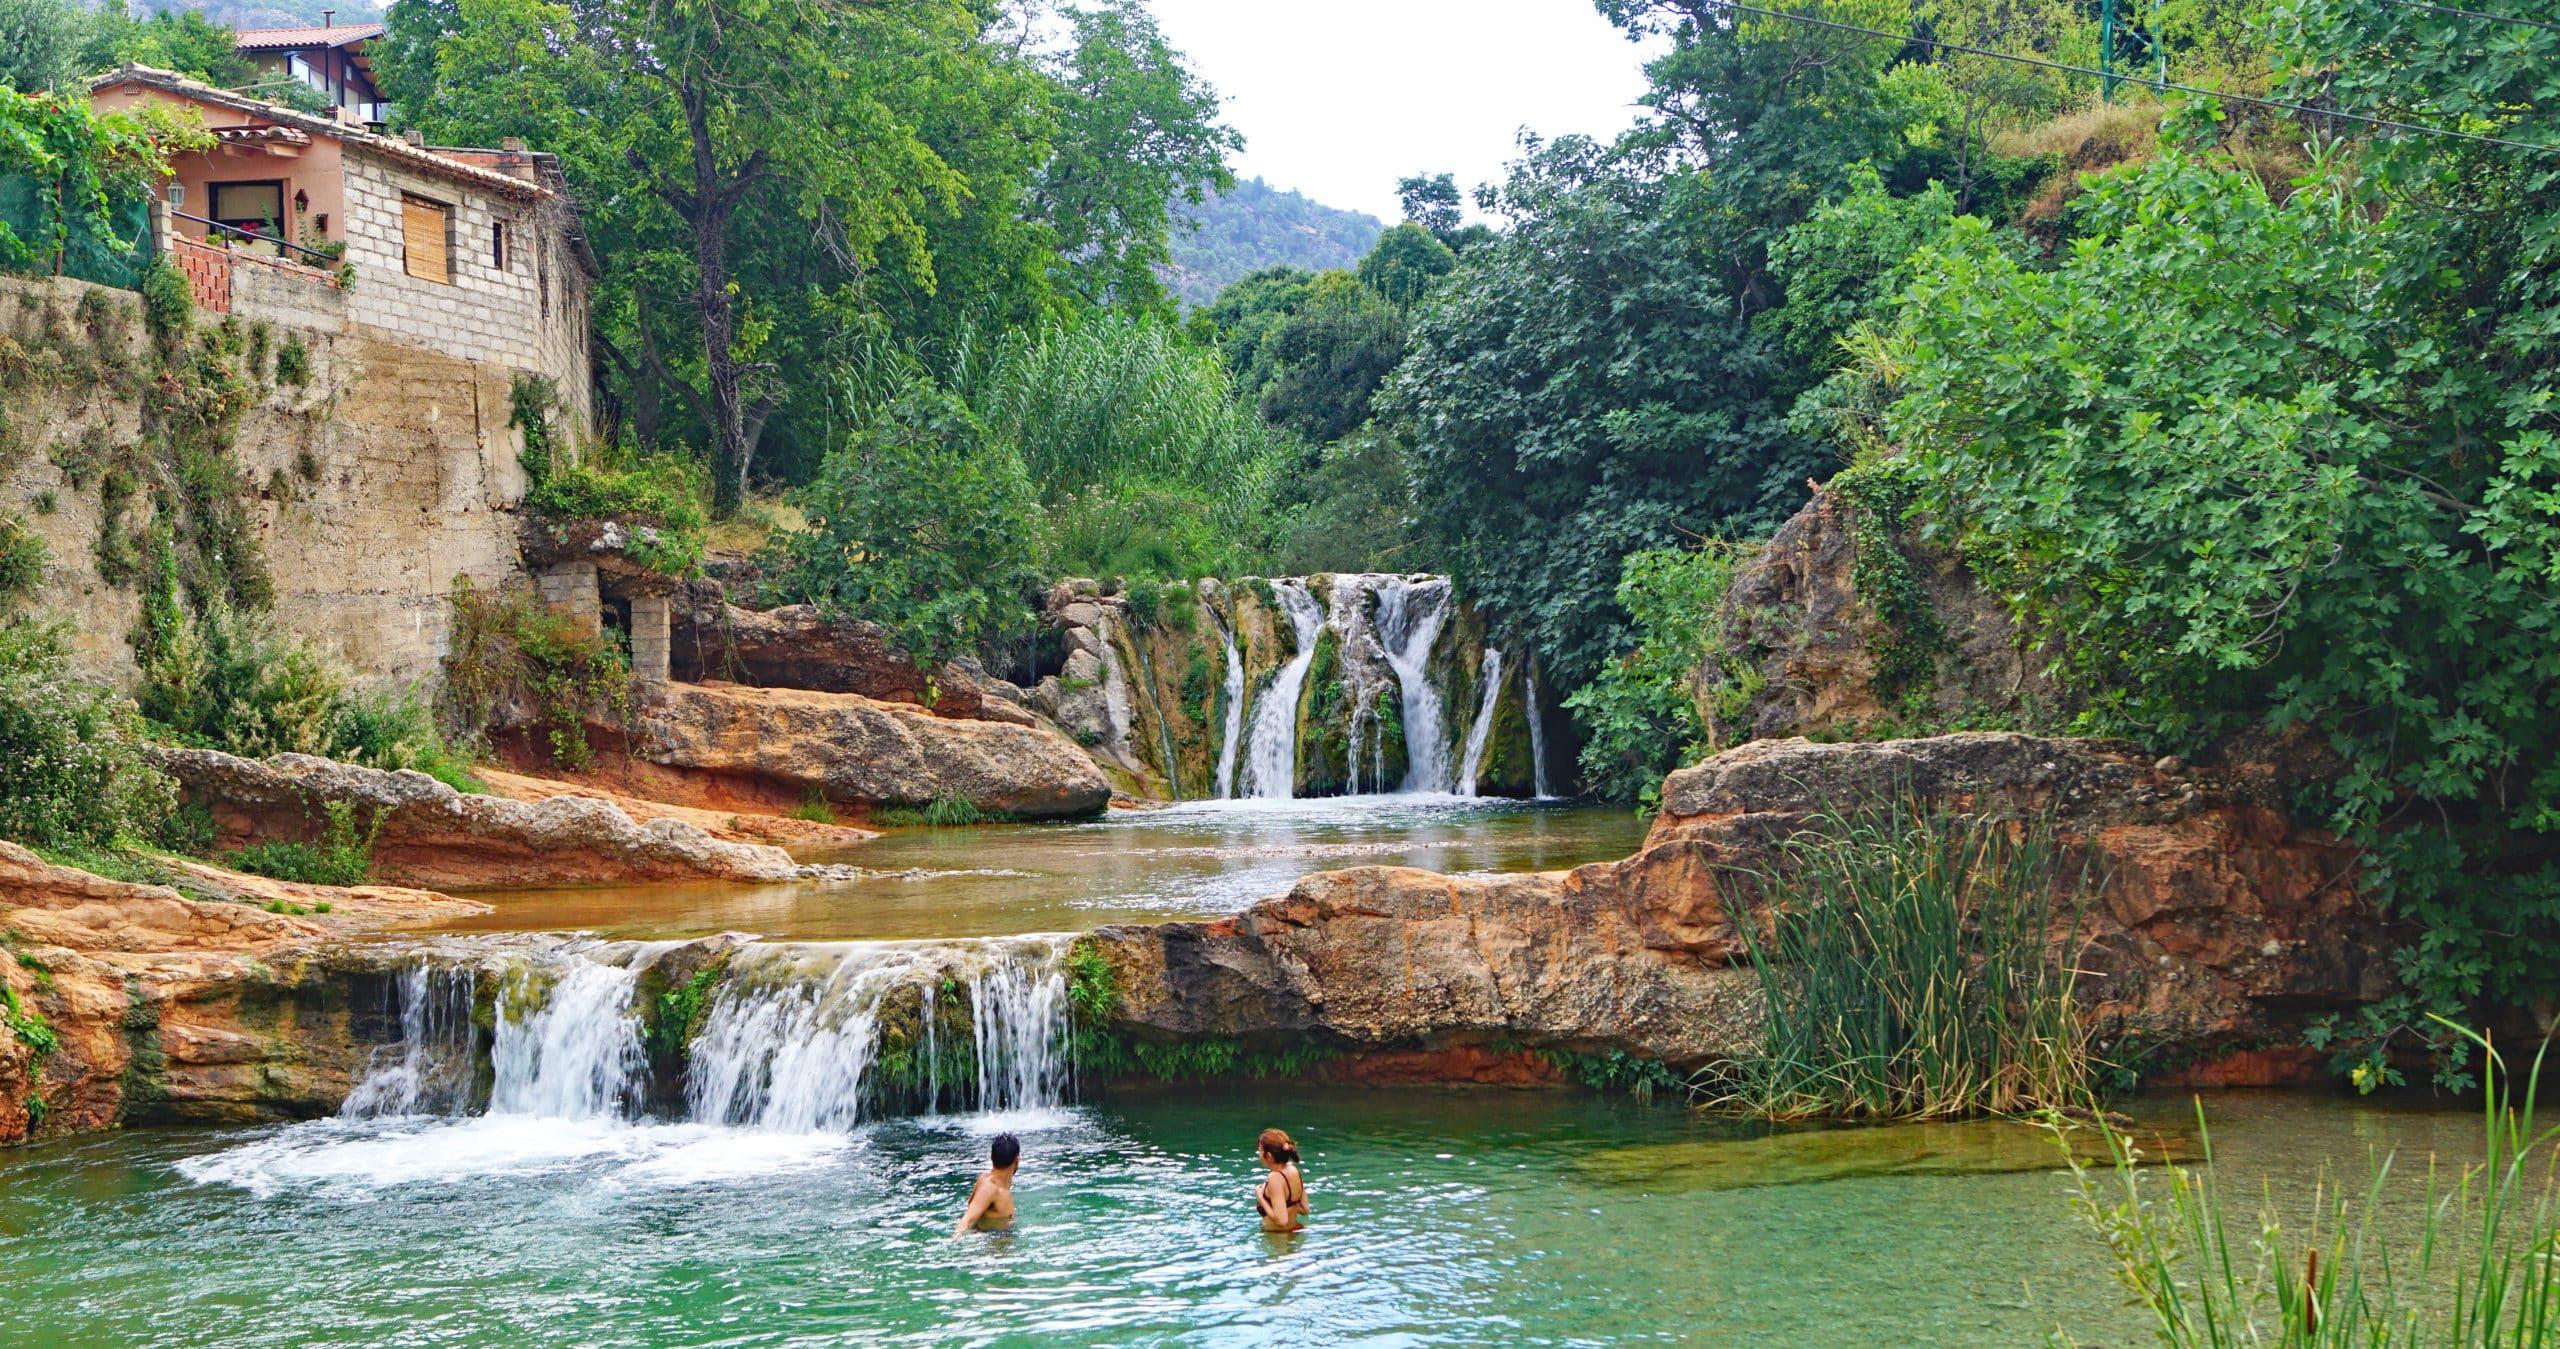 La Pesquera poza o piscina natural en Beceite, Teruel, Aragón, España, Europa